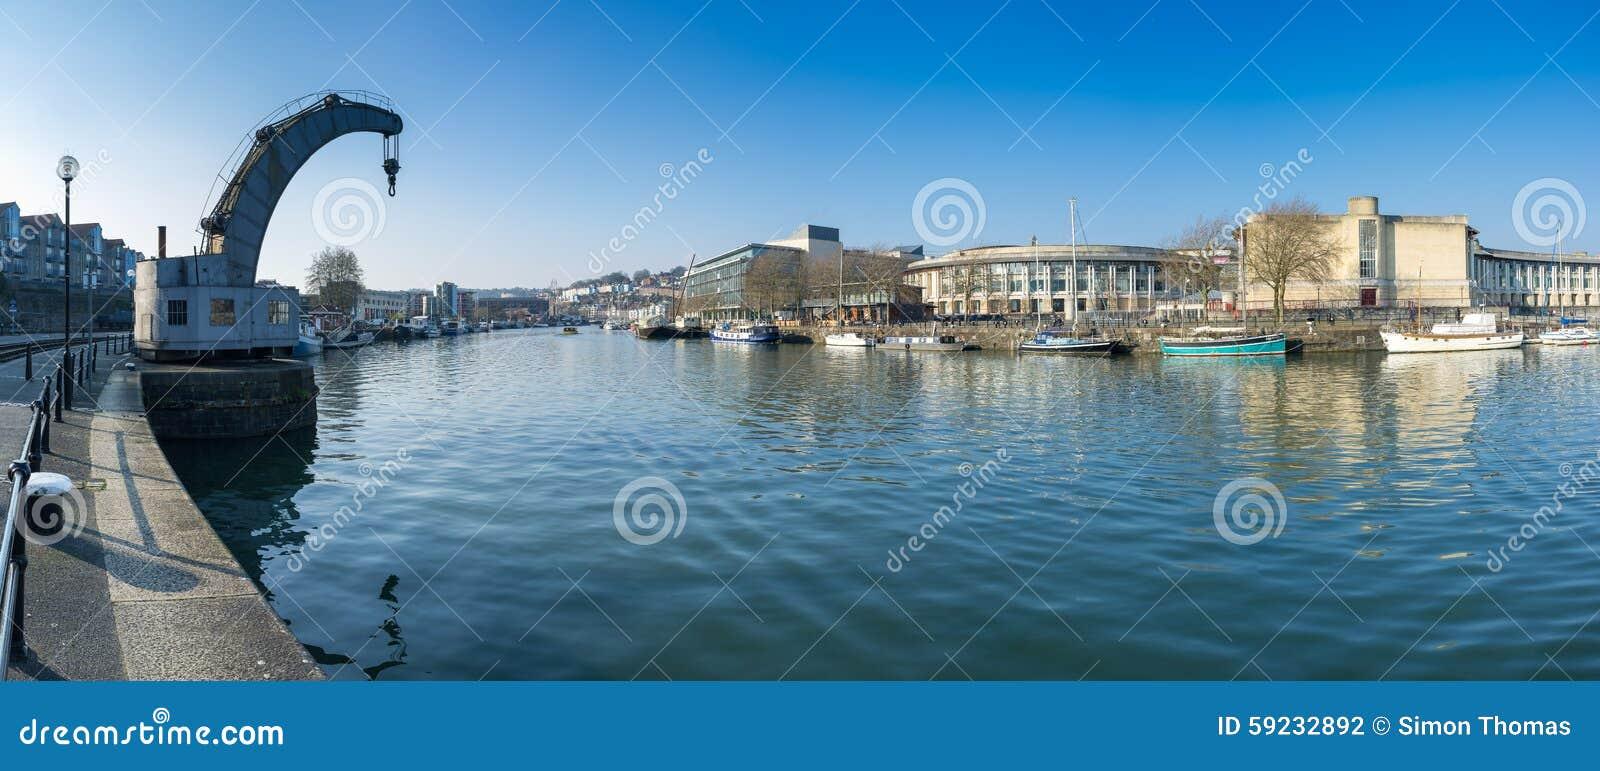 Download Bristol City Centre Docks fotografía editorial. Imagen de muelles - 59232892